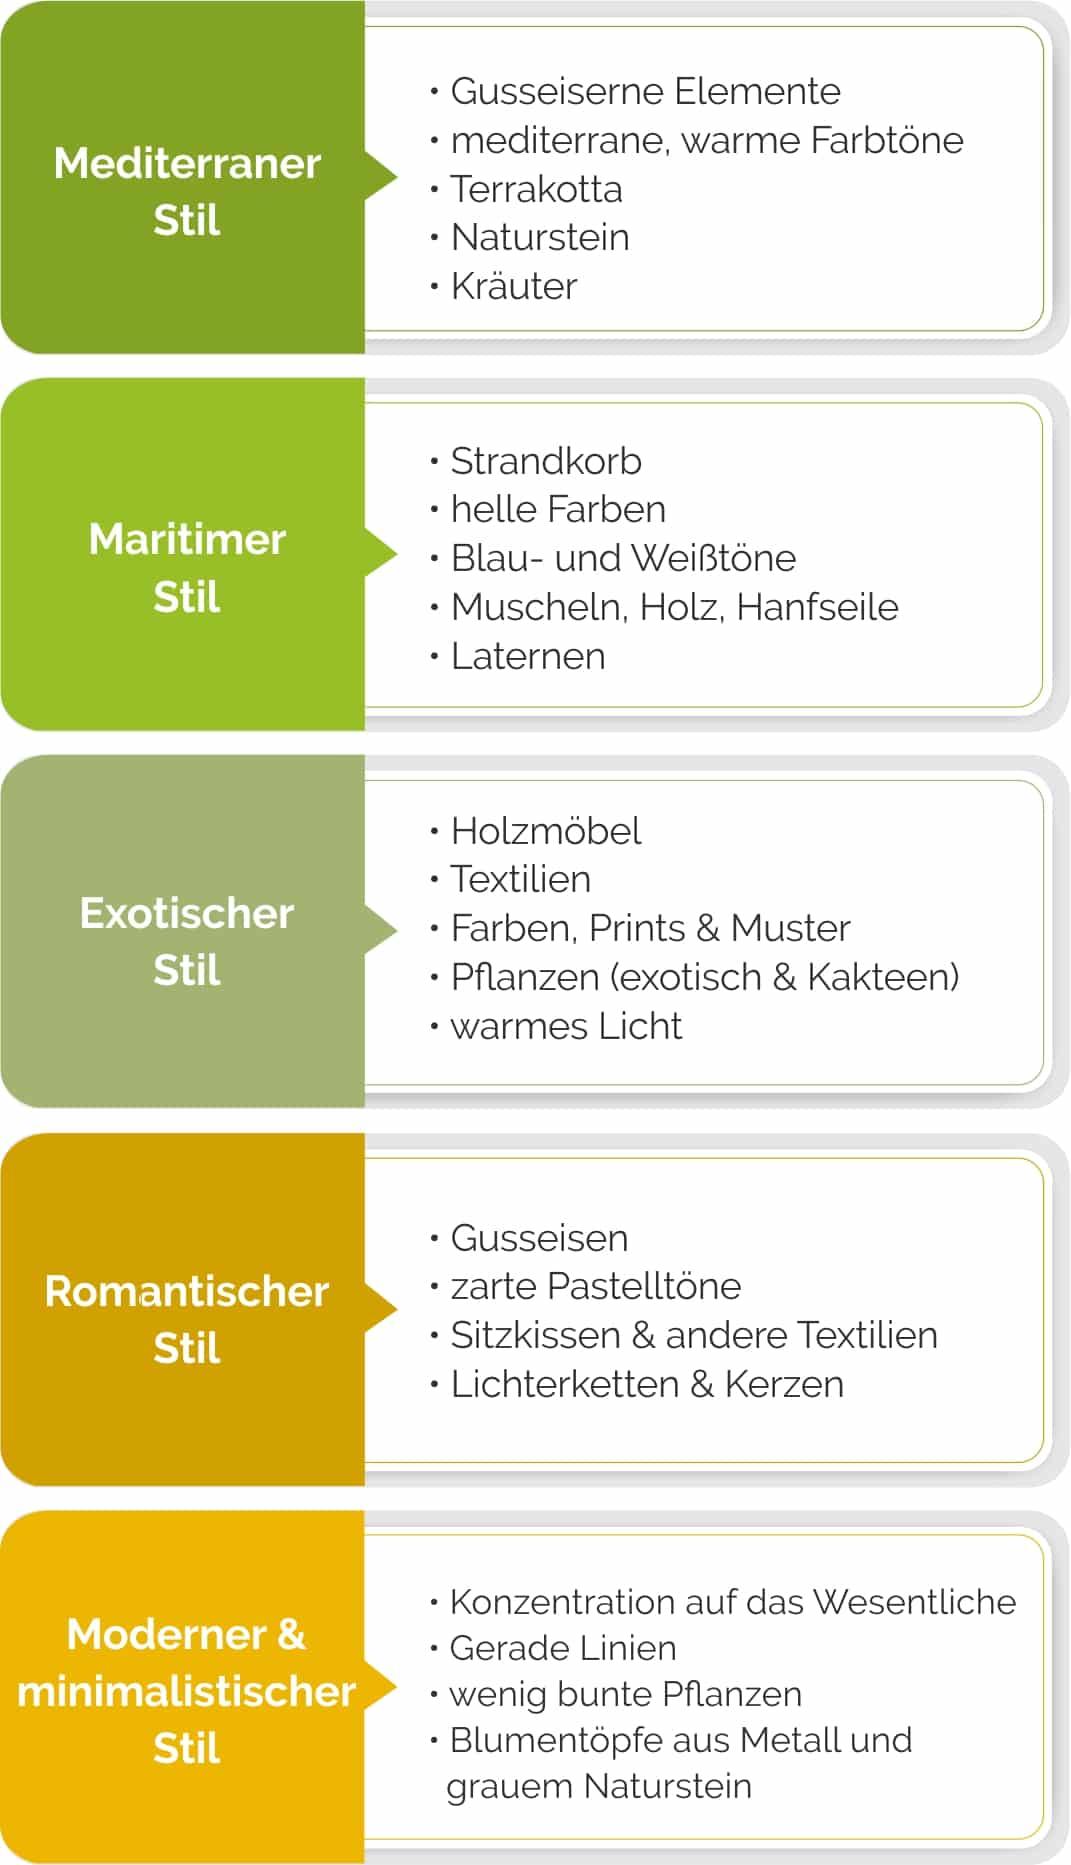 Charakteristika und Tipps für die jeweiligen Gestaltungsstile.